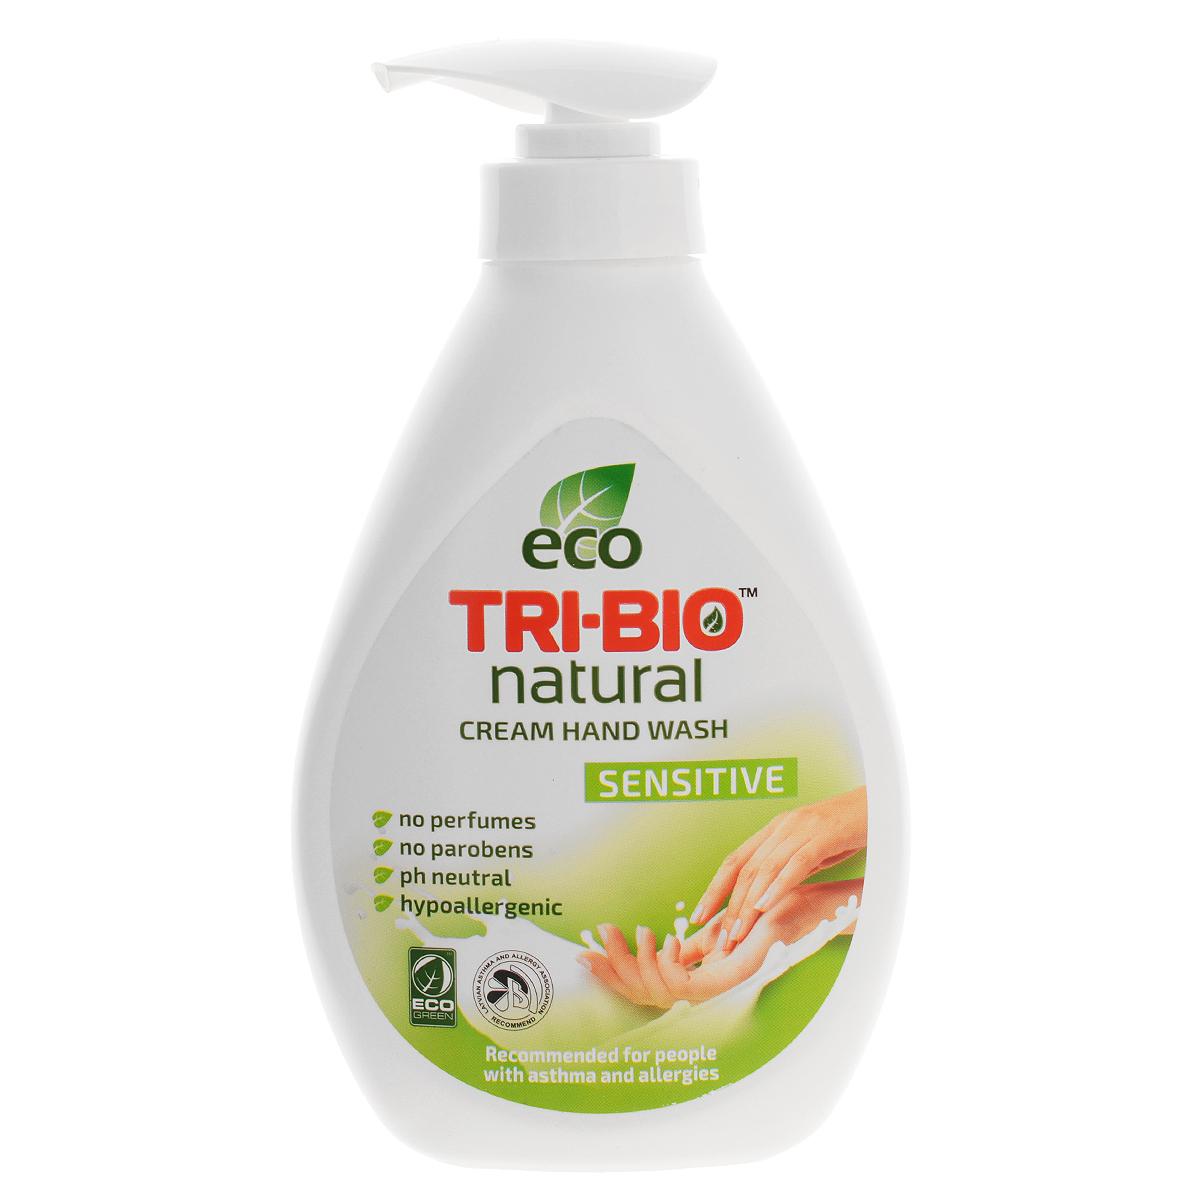 Натуральное жидкое эко крем-мыло Tri-Bio Нежное, 240 мл934726Tri-Bio Нежное - это уникальное жидкое крем-мыло, основанное на натуральных растительных и минеральных компонентах. Подходит для нежной кожи детей. Рекомендовано для людей с сухой, чувствительной кожей, склонных к аллергиям и астме.Гипоаллергенное, не содержит ароматов, красителей и парабенов, нейтральный рн, биоразлагаемое. Восстанавливает естественный баланс кожи и влажность. Помогает сохранить кожу мягкой, гладкой, шелковистой и здоровой. Присвоены ECO сертификаты.